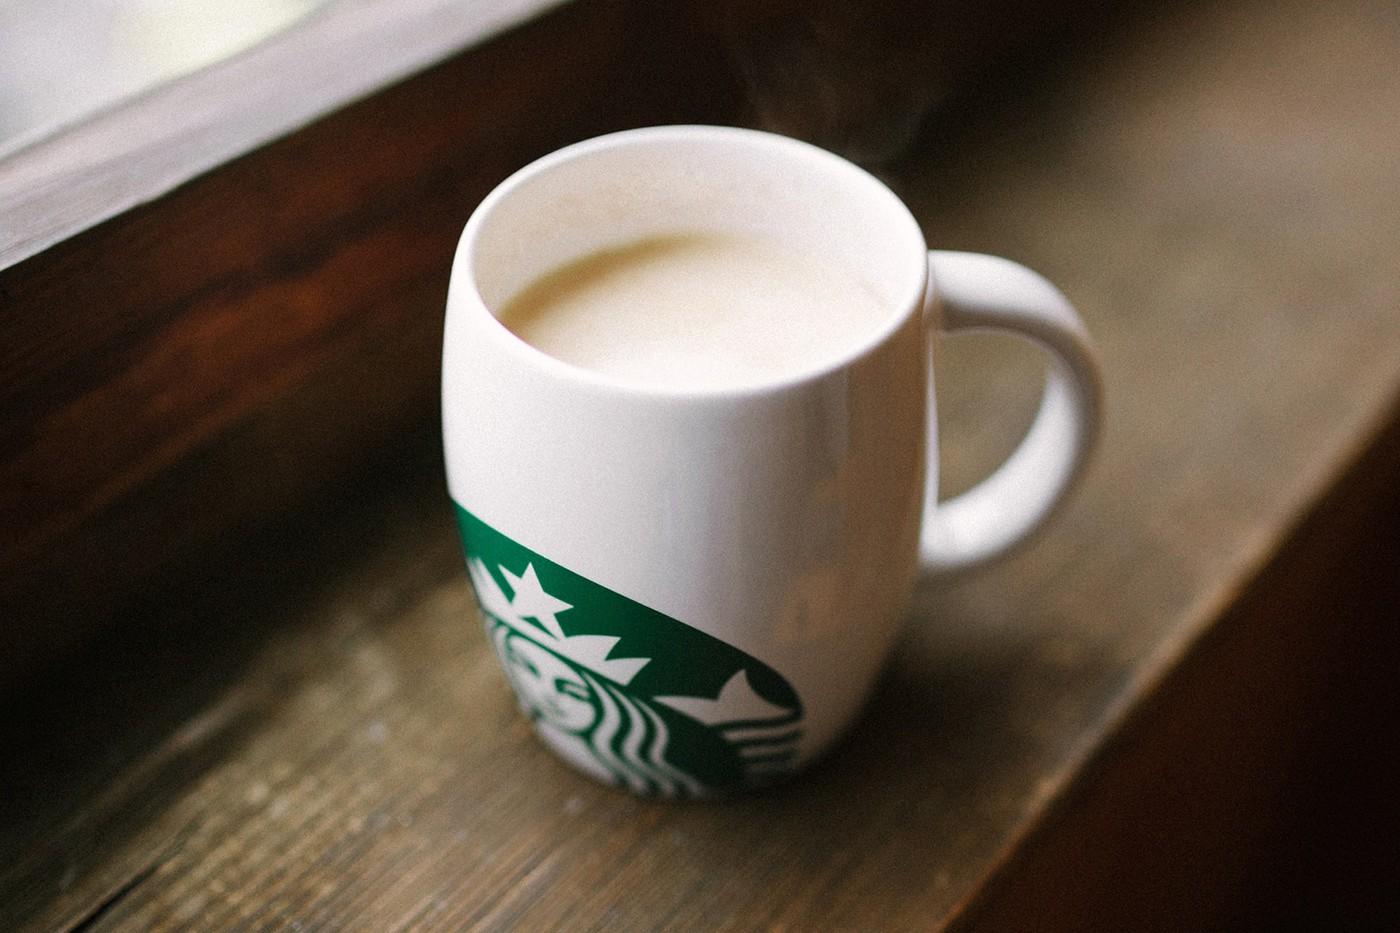 Starbucks tạm dừng cốc cá nhân và cốc tái sử dụng do lo ngại Covid-19